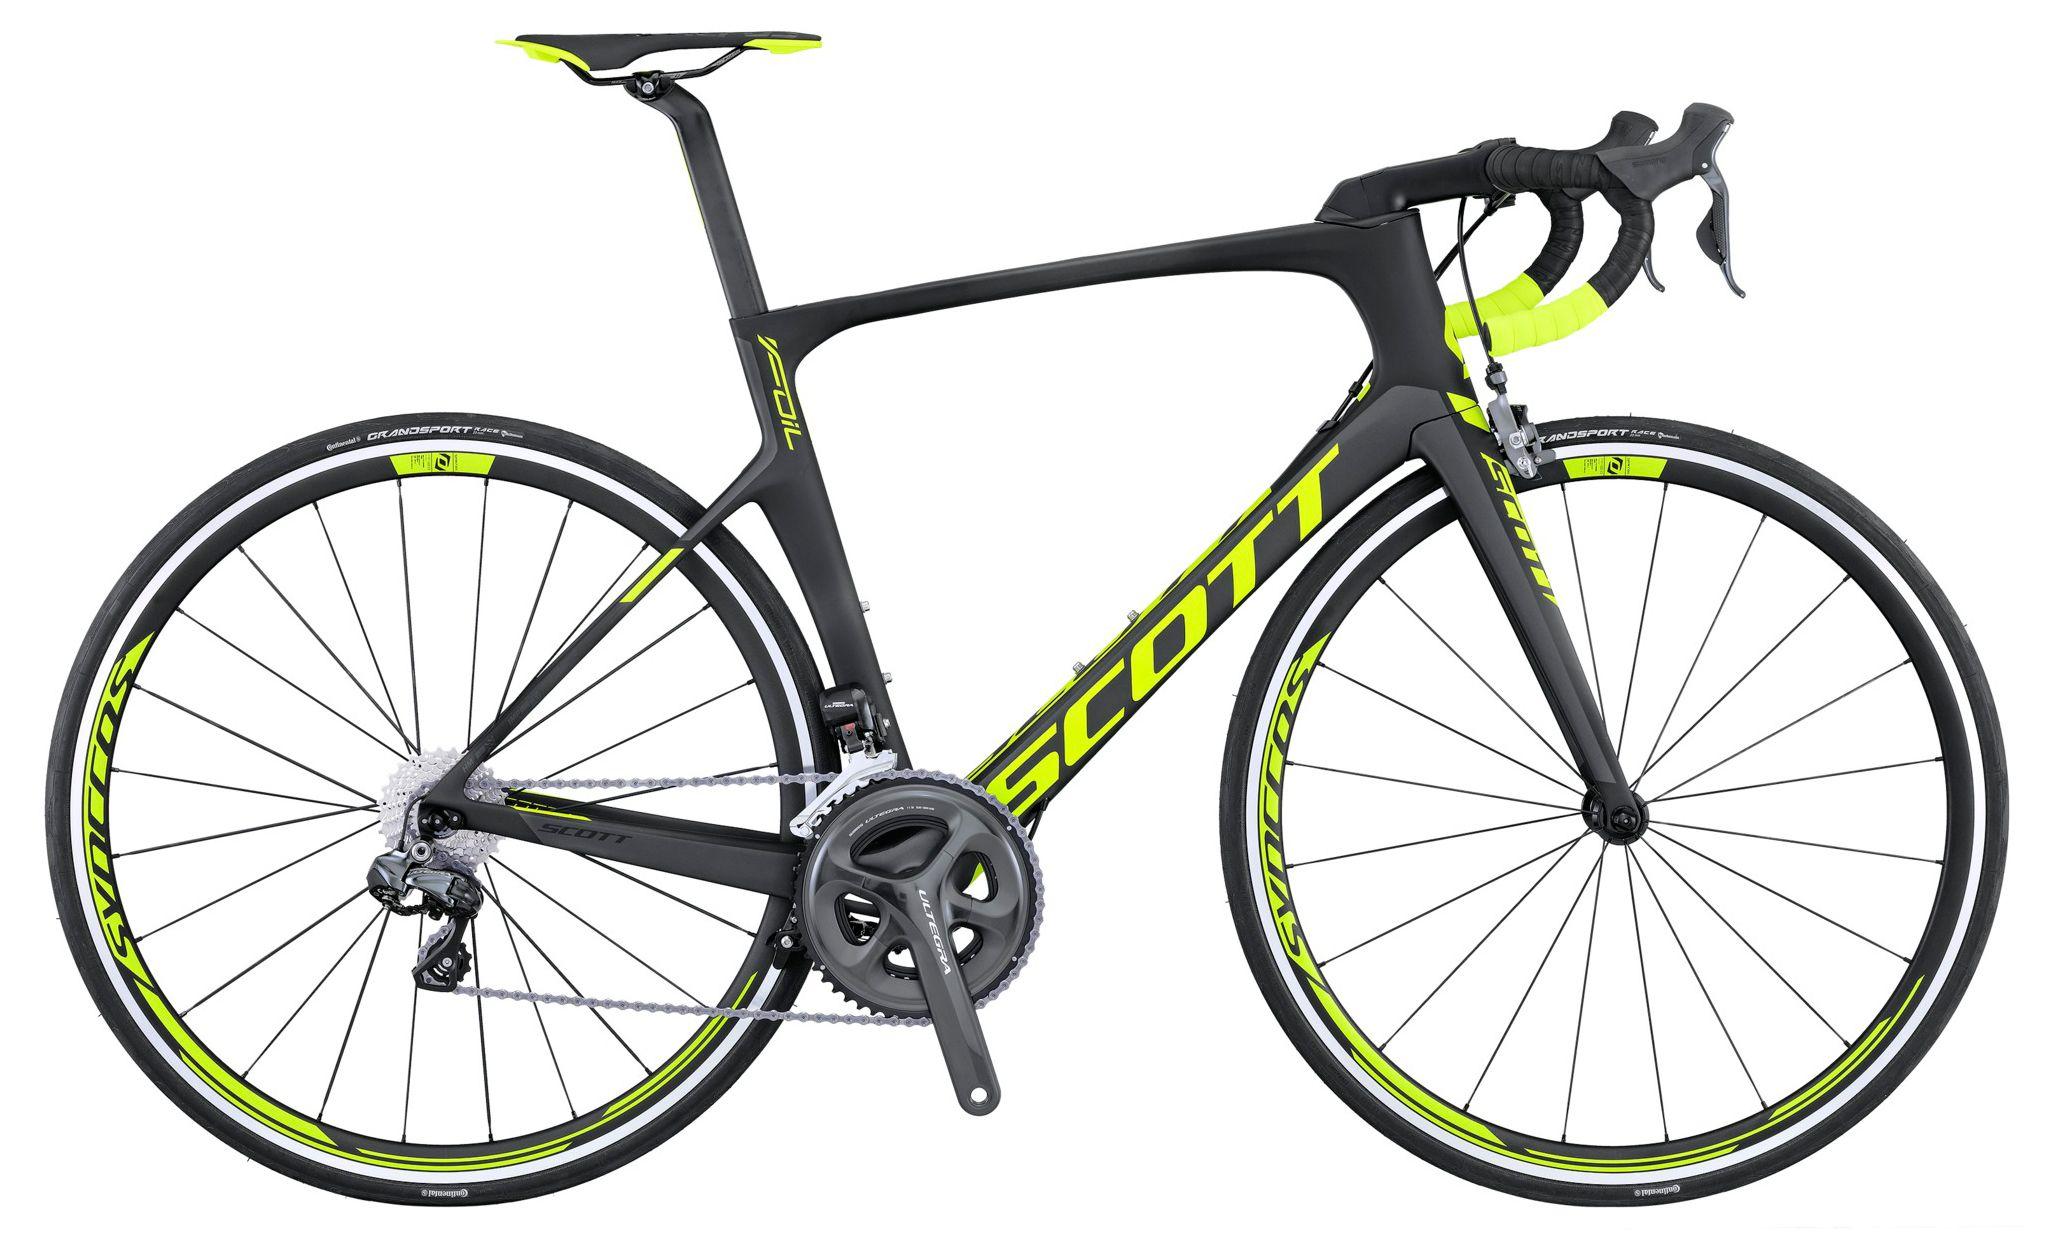 Велосипед Scott Foil 10 2016 купить шоссейный велосипед б у в минске